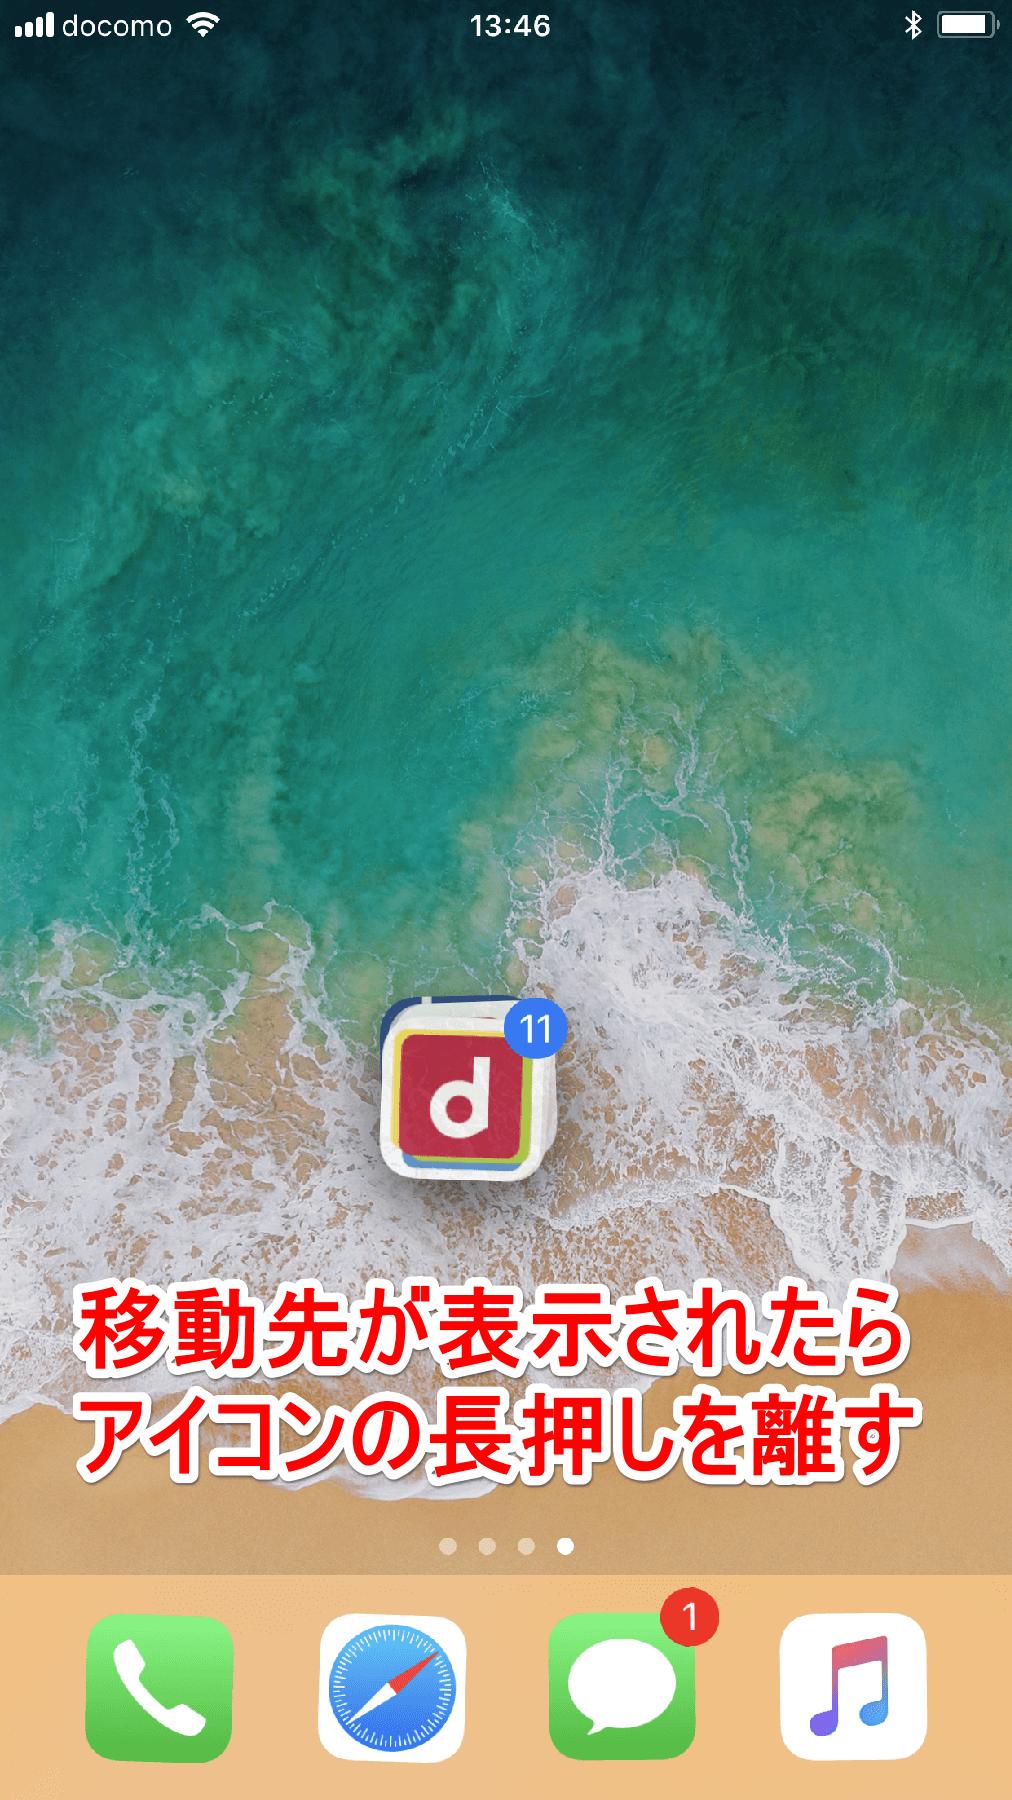 iPhone(アイフォン、アイフォーン)のホーム画面で複数のアイコンをまとめて移動している画面